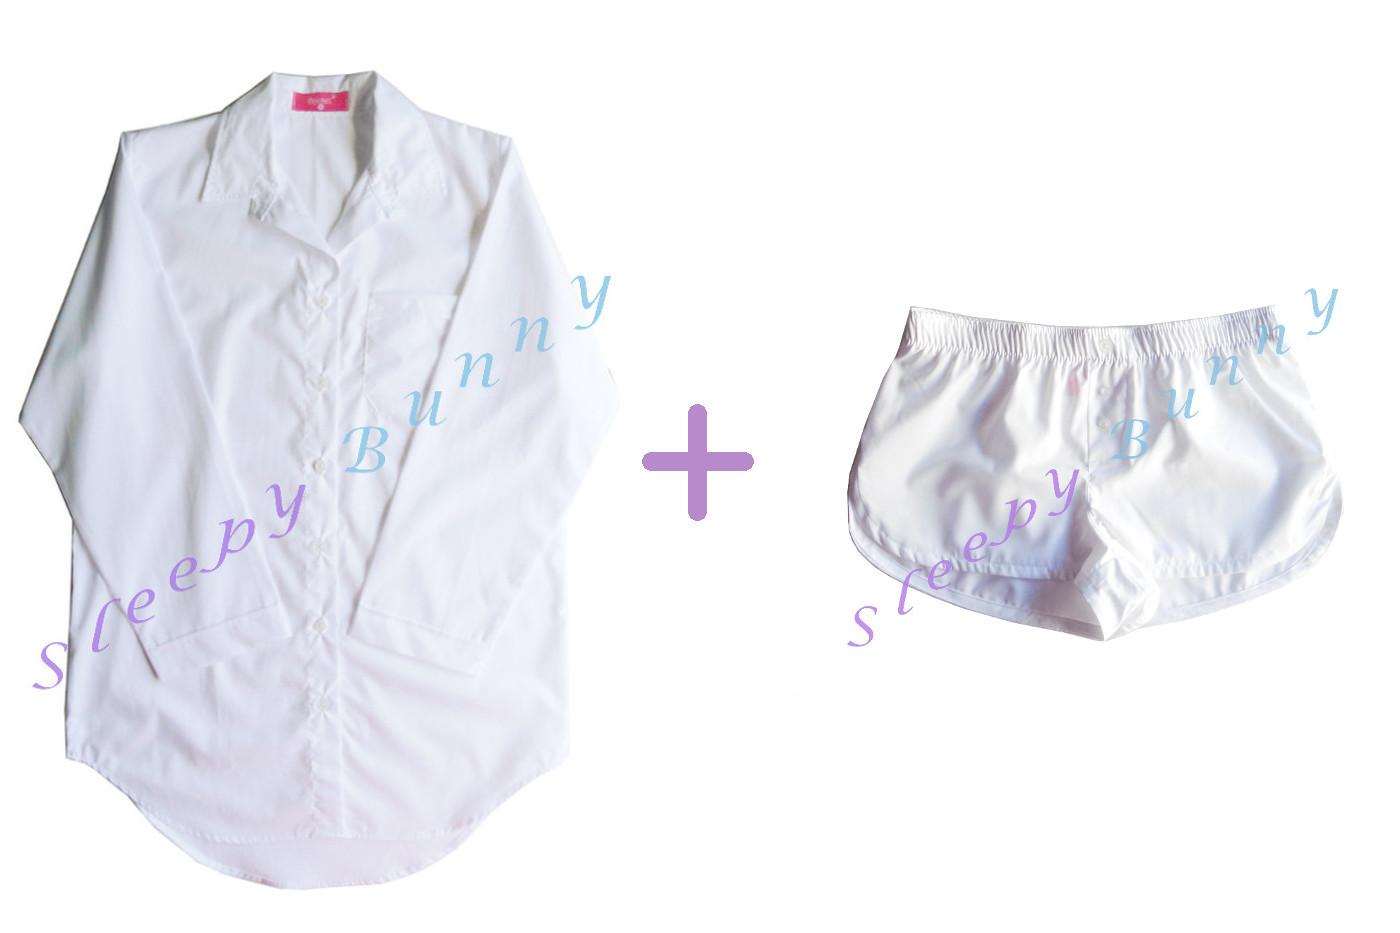 ขายแล้วค่ะ Promotion db5 lot3 set สีขาว ชุดนอนเดรสเชิ้ต (Size S) + boxer (Size S,M,L) --> Pajamazz